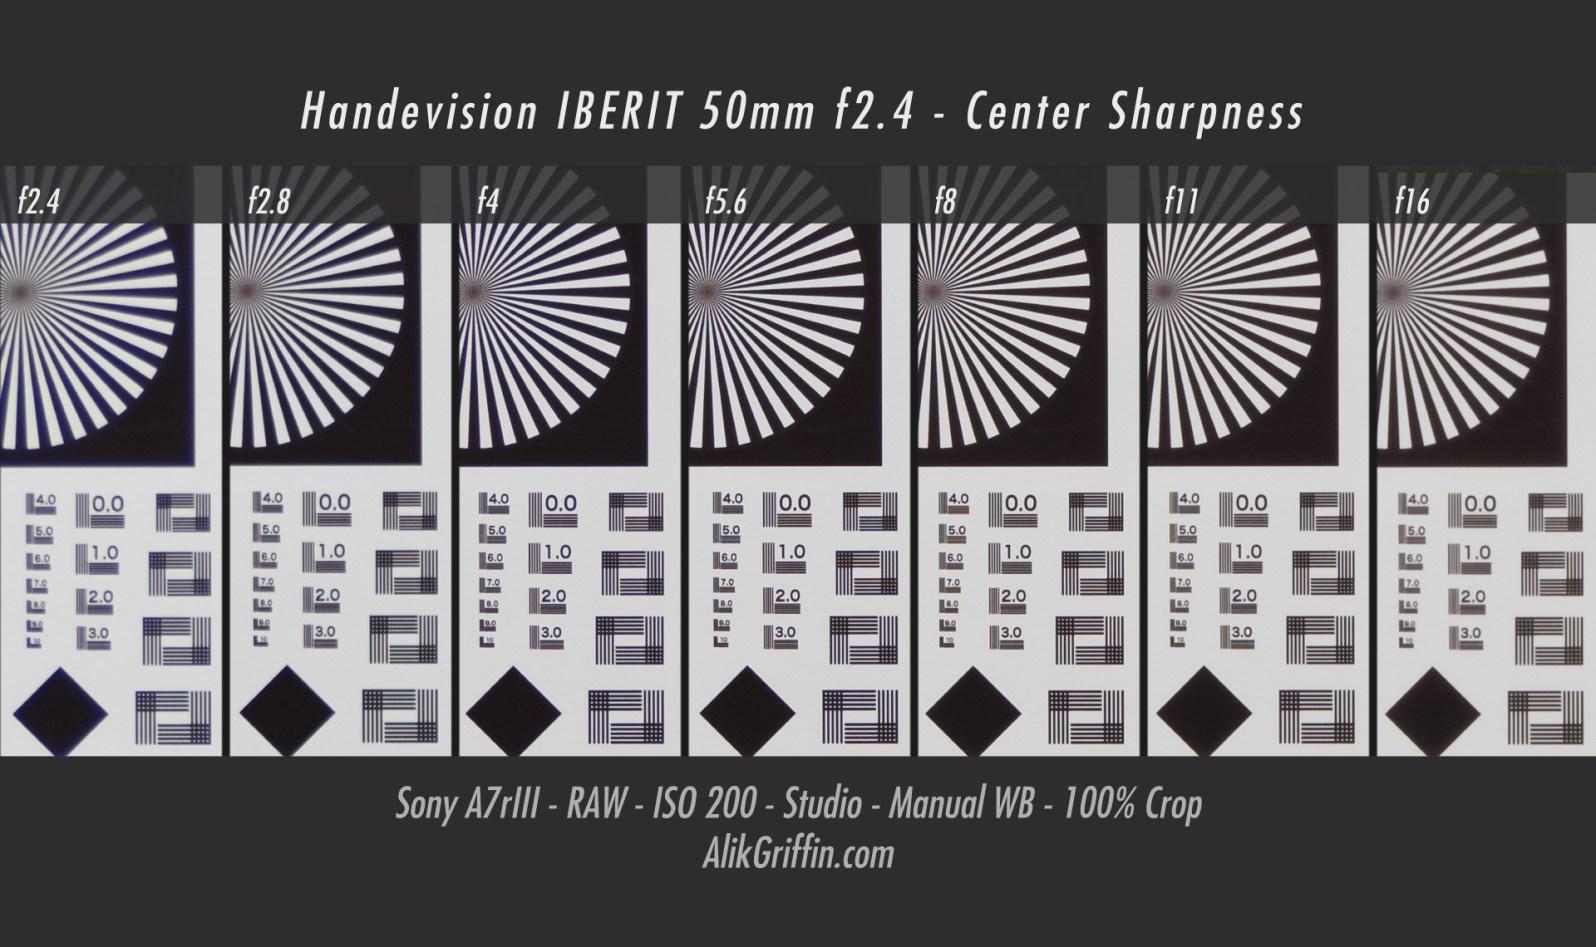 AlikGriffin_Handevision50mmf2.4_CenterSharpness